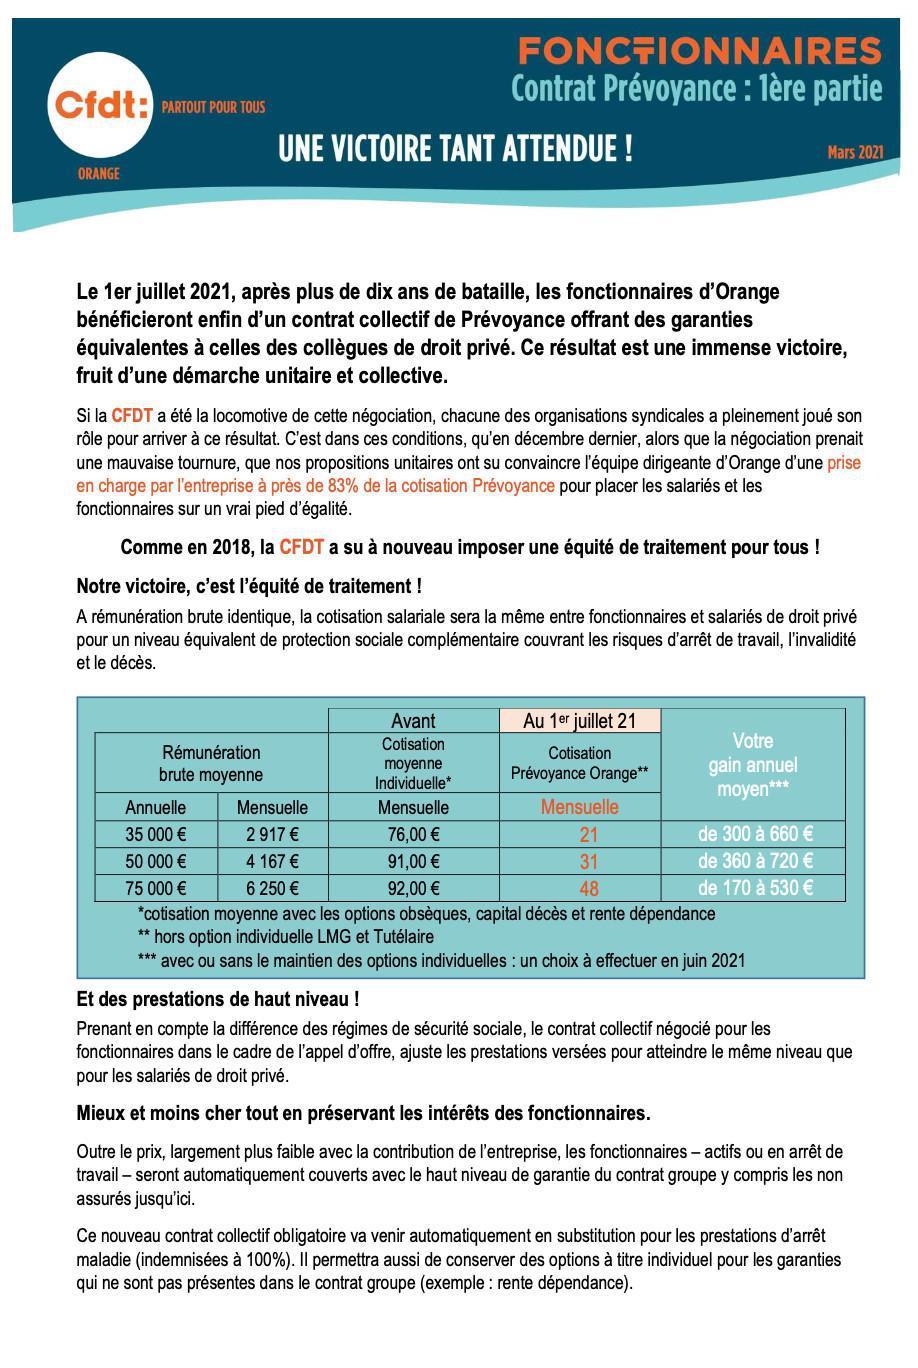 Fonctionnaires - contrat prévoyance : 1ère partie -Mars 2021